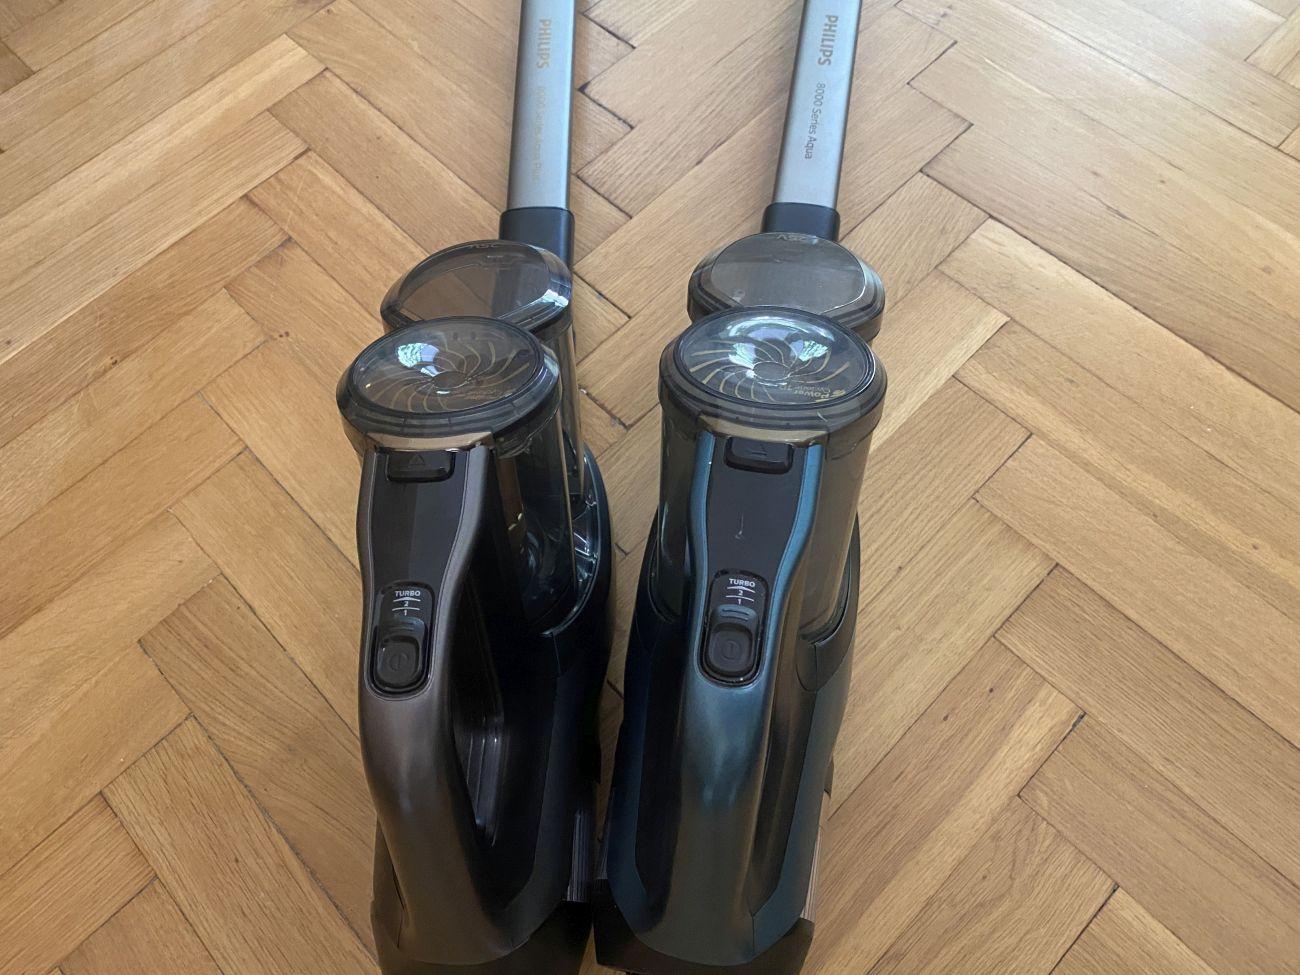 Philips XC8349/01 i Philips XC8149/01 porównanie 2